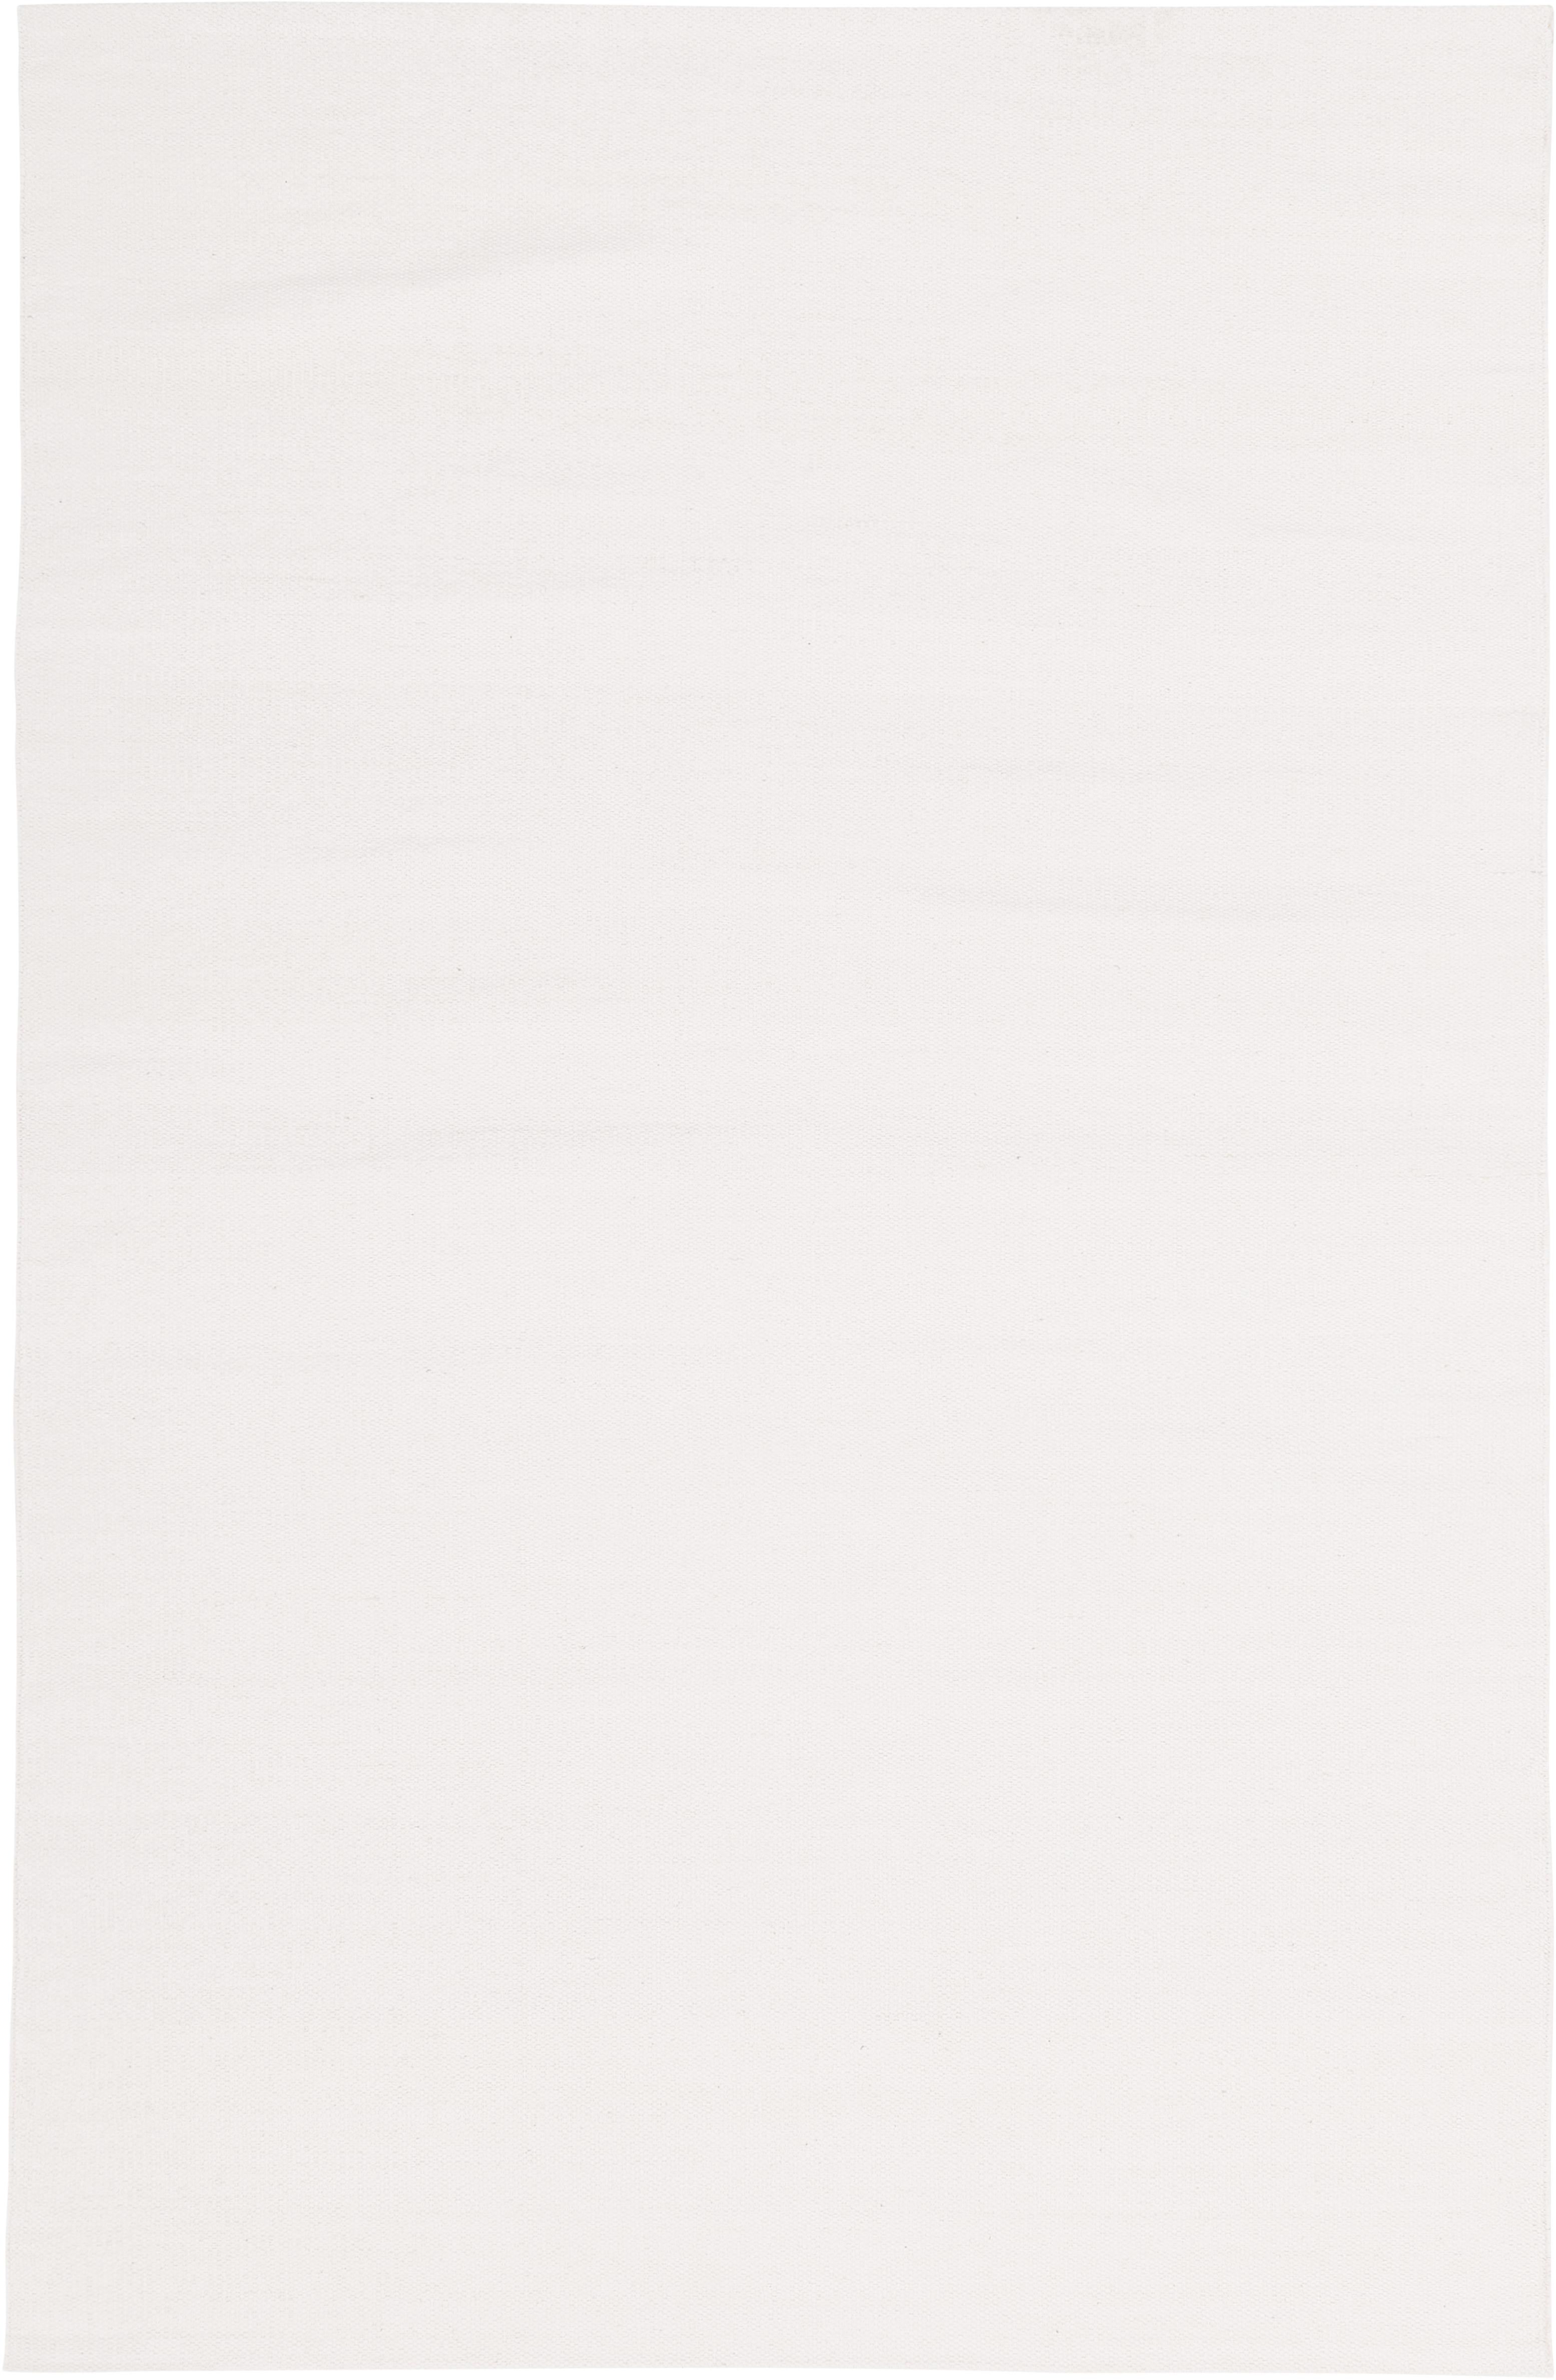 Tappeto in cotone tessuto a mano Agneta, 100% cotone, Bianco crema, Larg. 120 x Lung. 180 cm (taglia S)